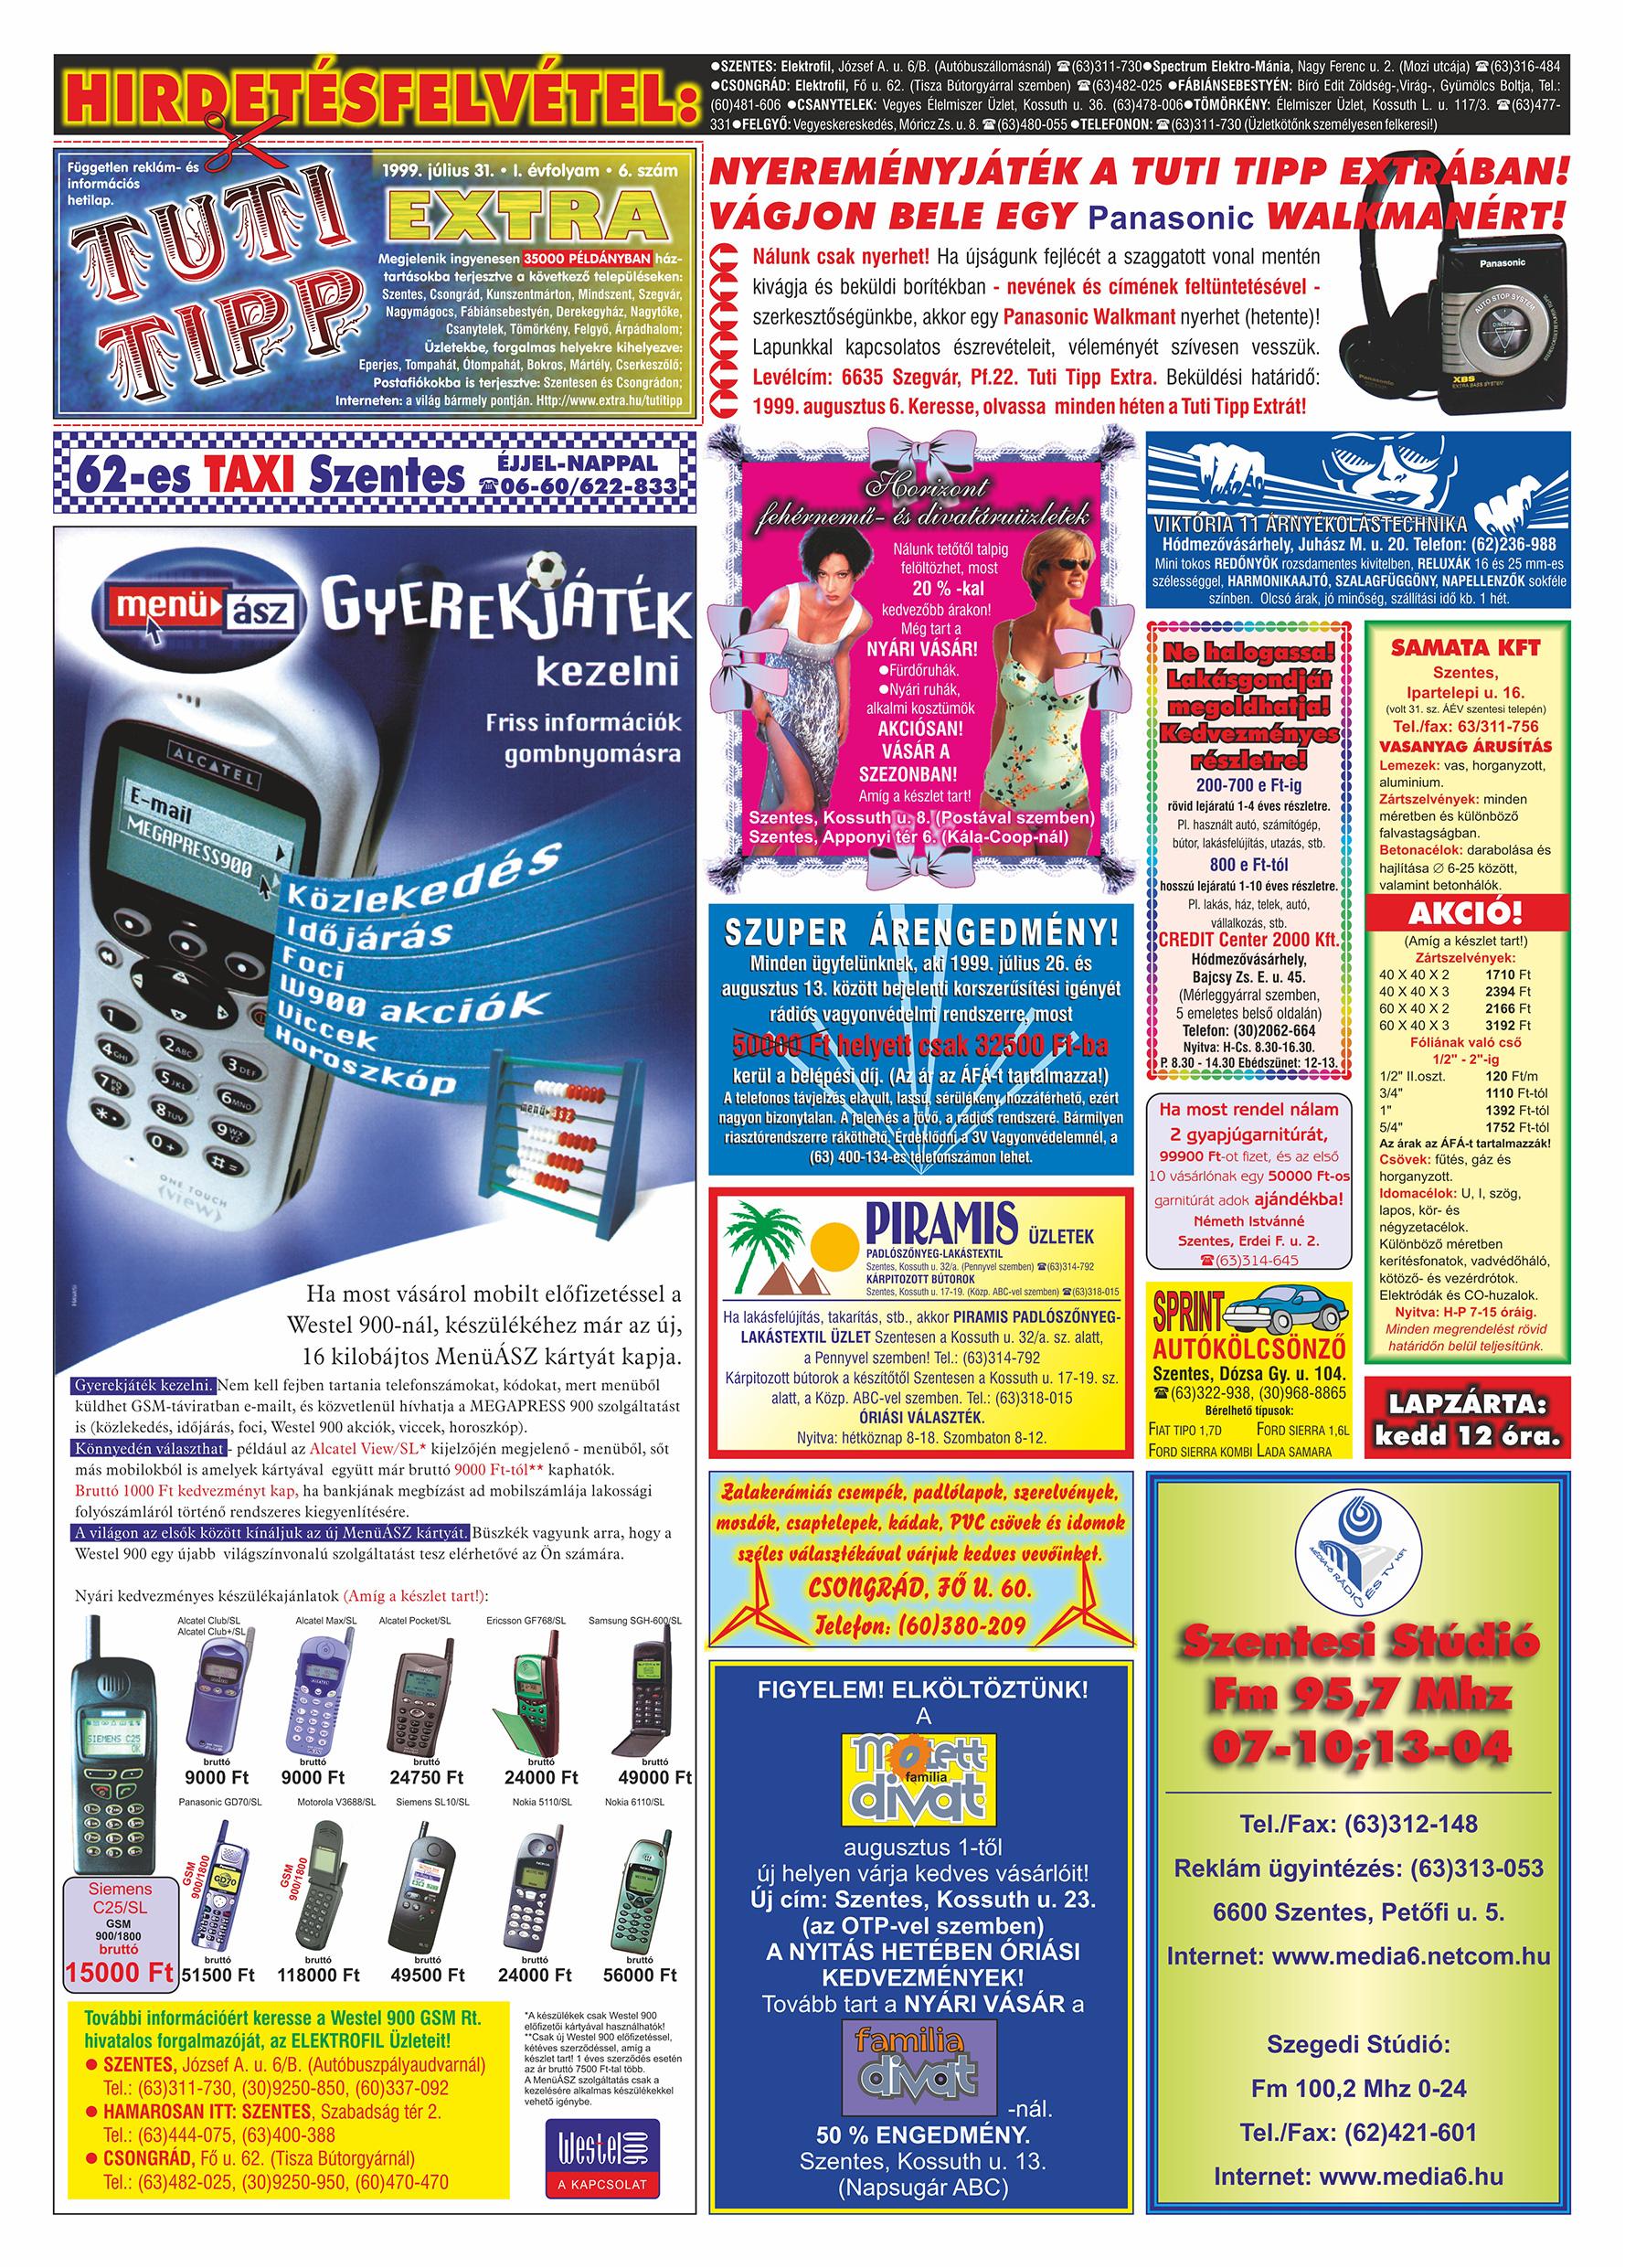 037 Tuti Tipp Extra reklámújság - 19990731-006. lapszám - 1.oldal - V. évfolyam.jpg